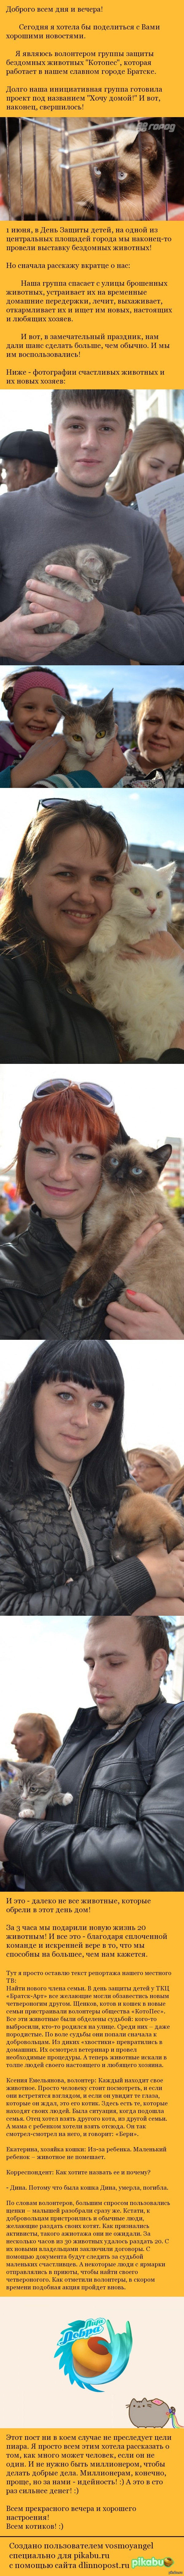 О добре, людях и котиках. О том, как мы искали брошенным животным новые семьи.